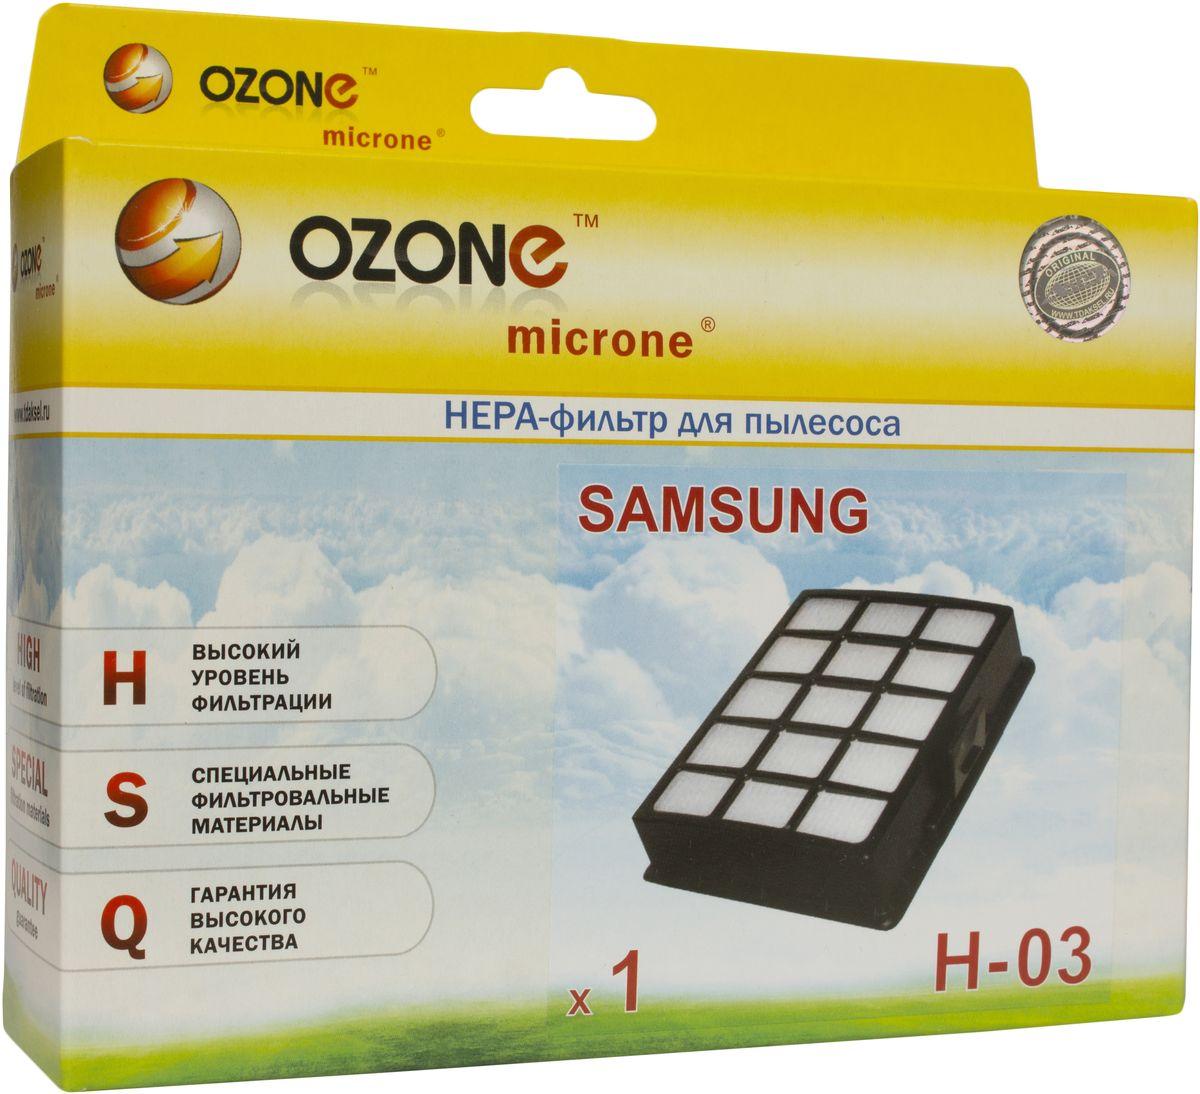 Ozone H-03 HEPA фильтр для пылесоса Samsung